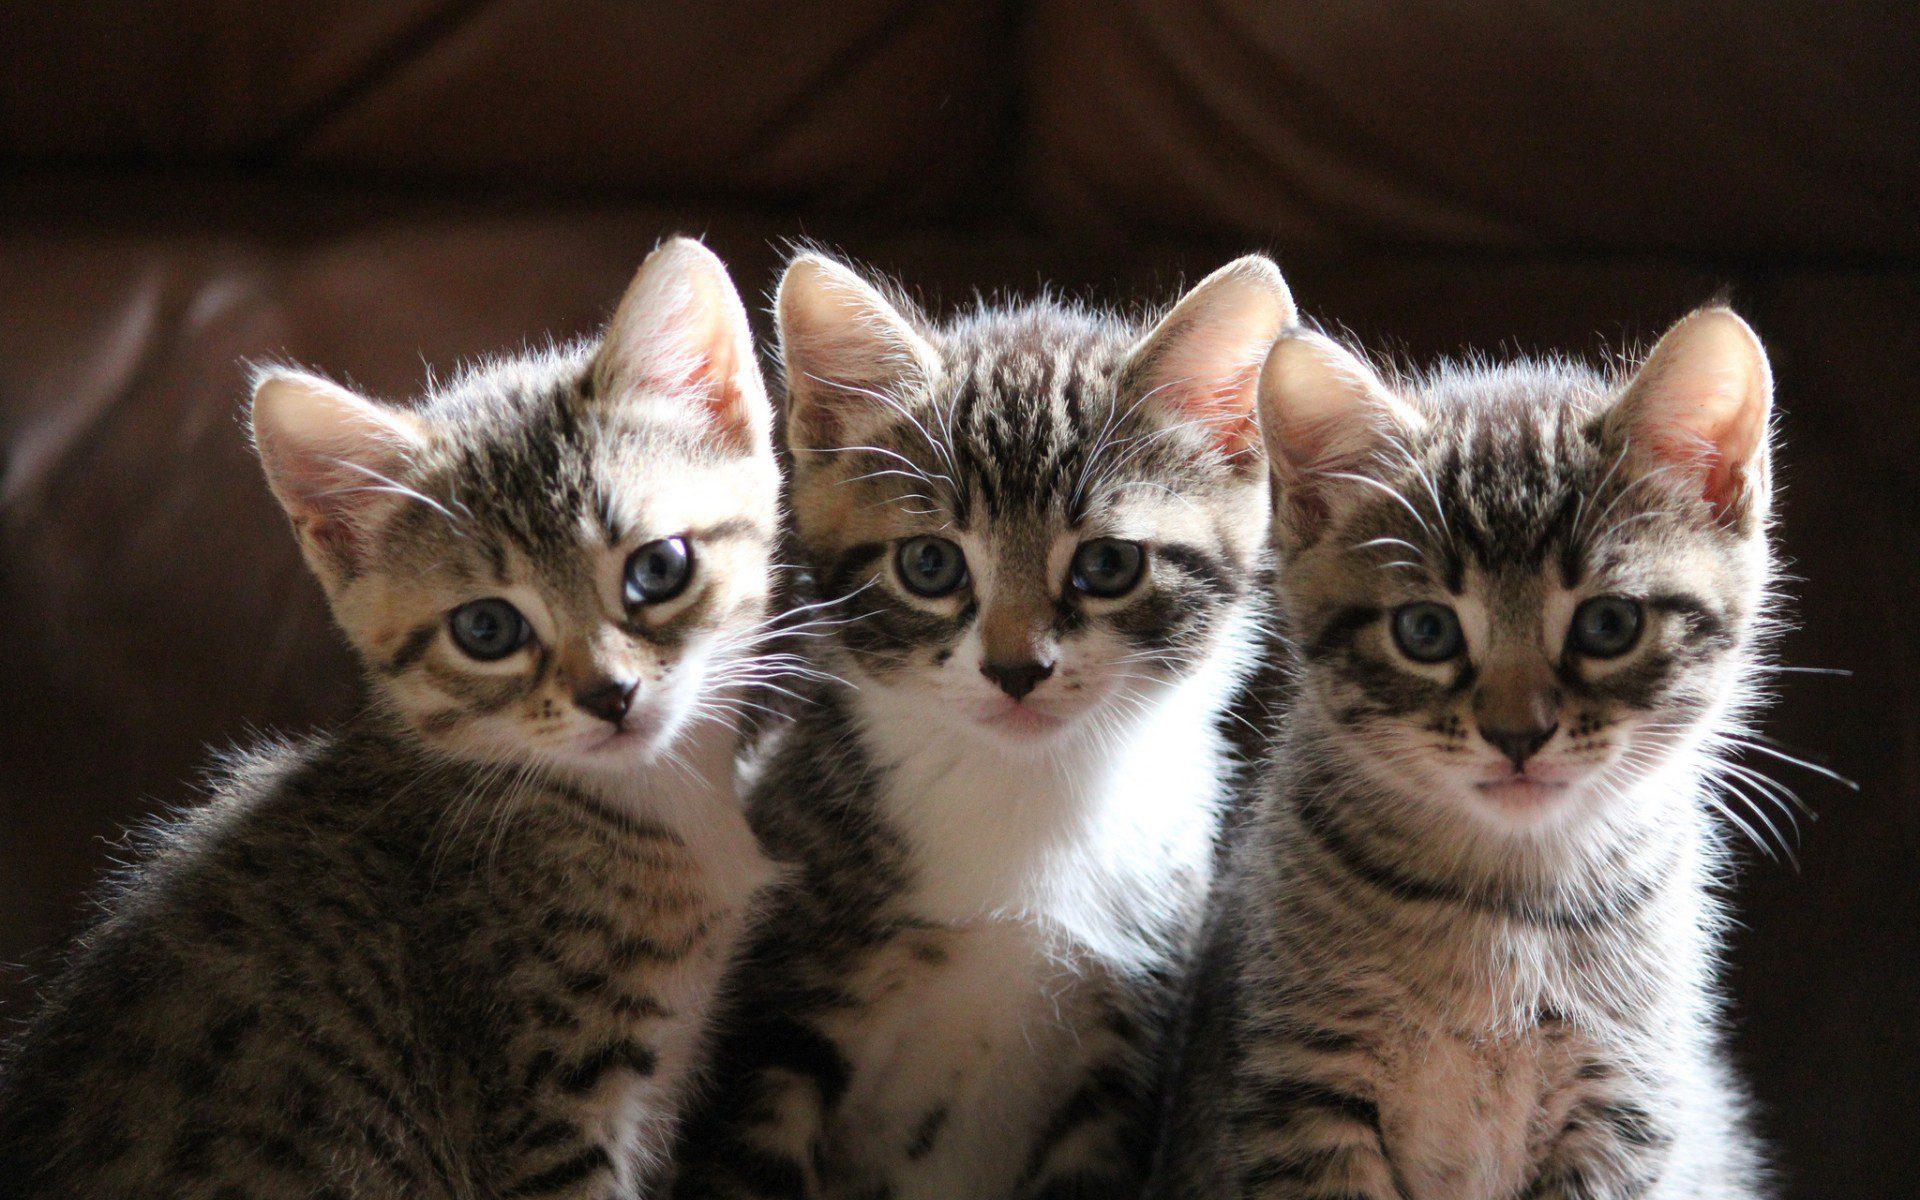 как разместились покажи мне картинки котиков беспокоиться